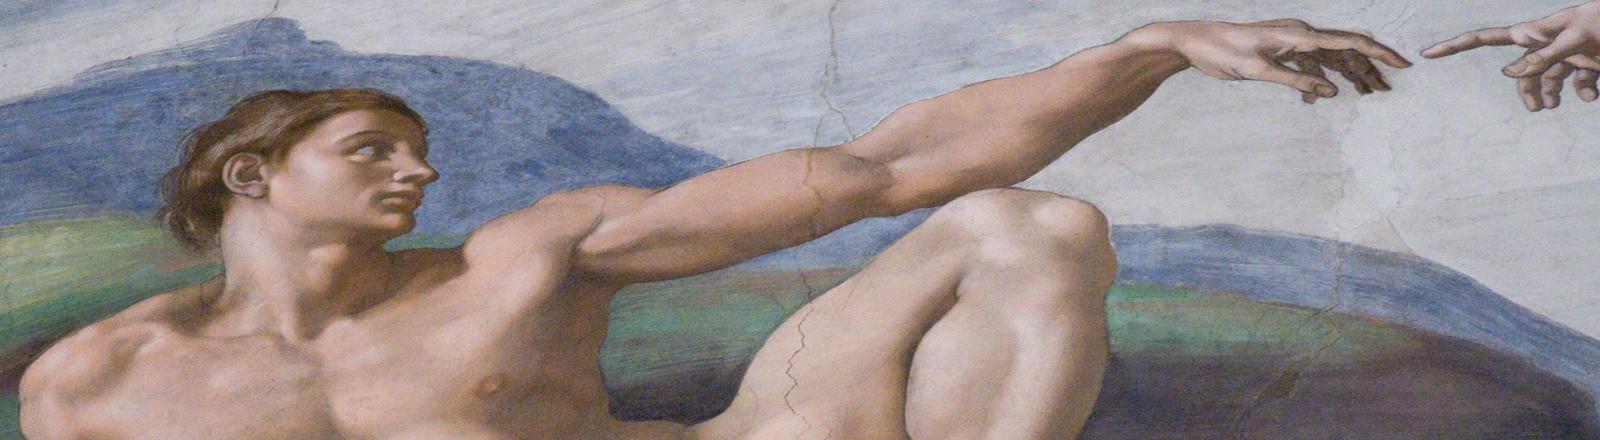 Die Erschaffung Adams von Michelangelo - Wandmalerei in der Sixtinischen Kapelle in Rom.